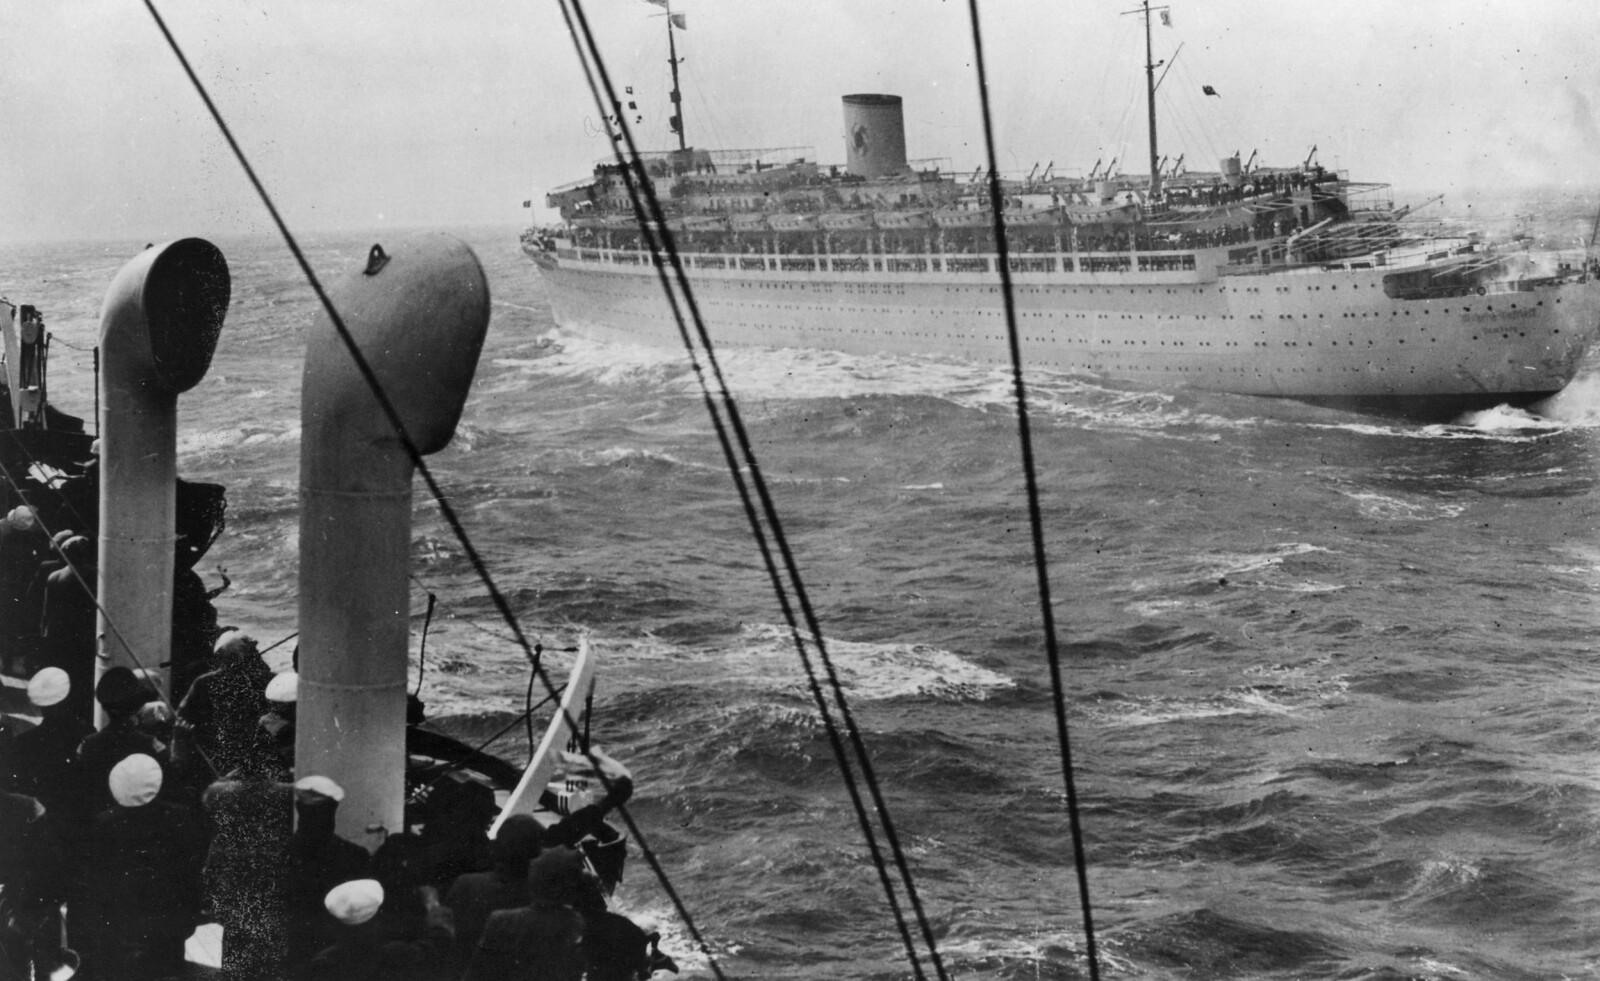 <b>NORDSJØEN:</b> Det tidligere cruiseskipet i tøft vær i Nordsjøen i 1938.